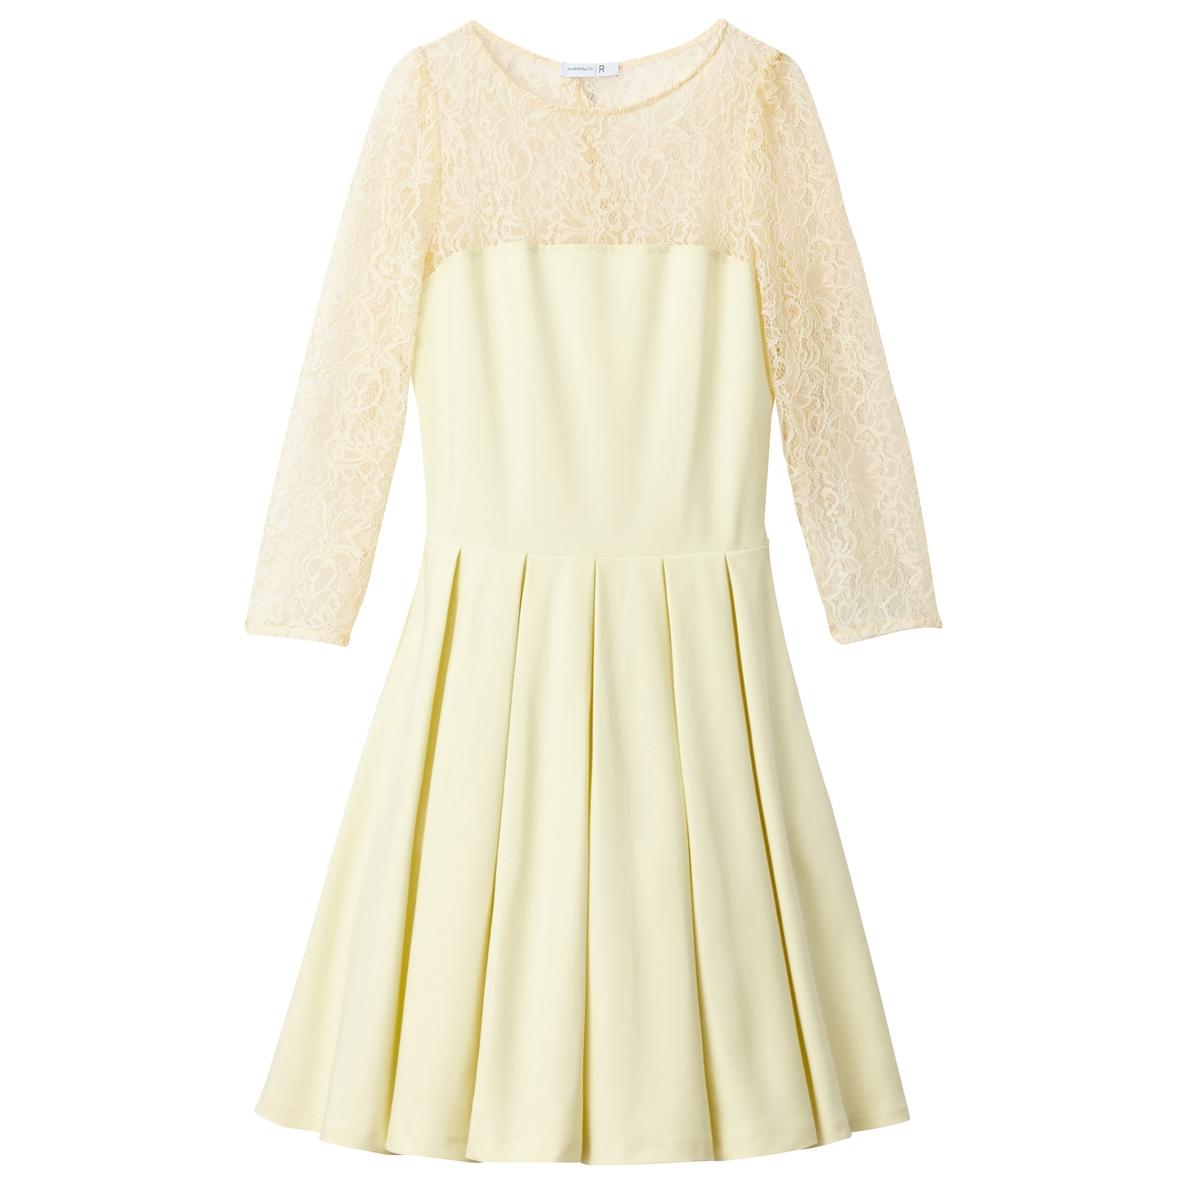 Платье LaRedoute Расклешенное с нижней юбкой и спинкой из кружева 42 (FR) - 48 (RUS) желтый платье la redoute короткое расклешенное в горошек с ажурными бретелями 42 fr 48 rus синий